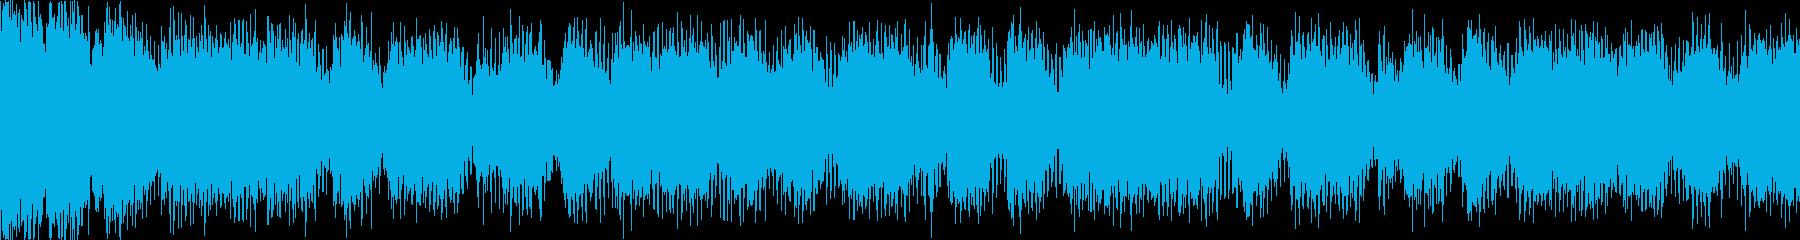 【ループC】ヘヴィーで攻撃的エレキギターの再生済みの波形